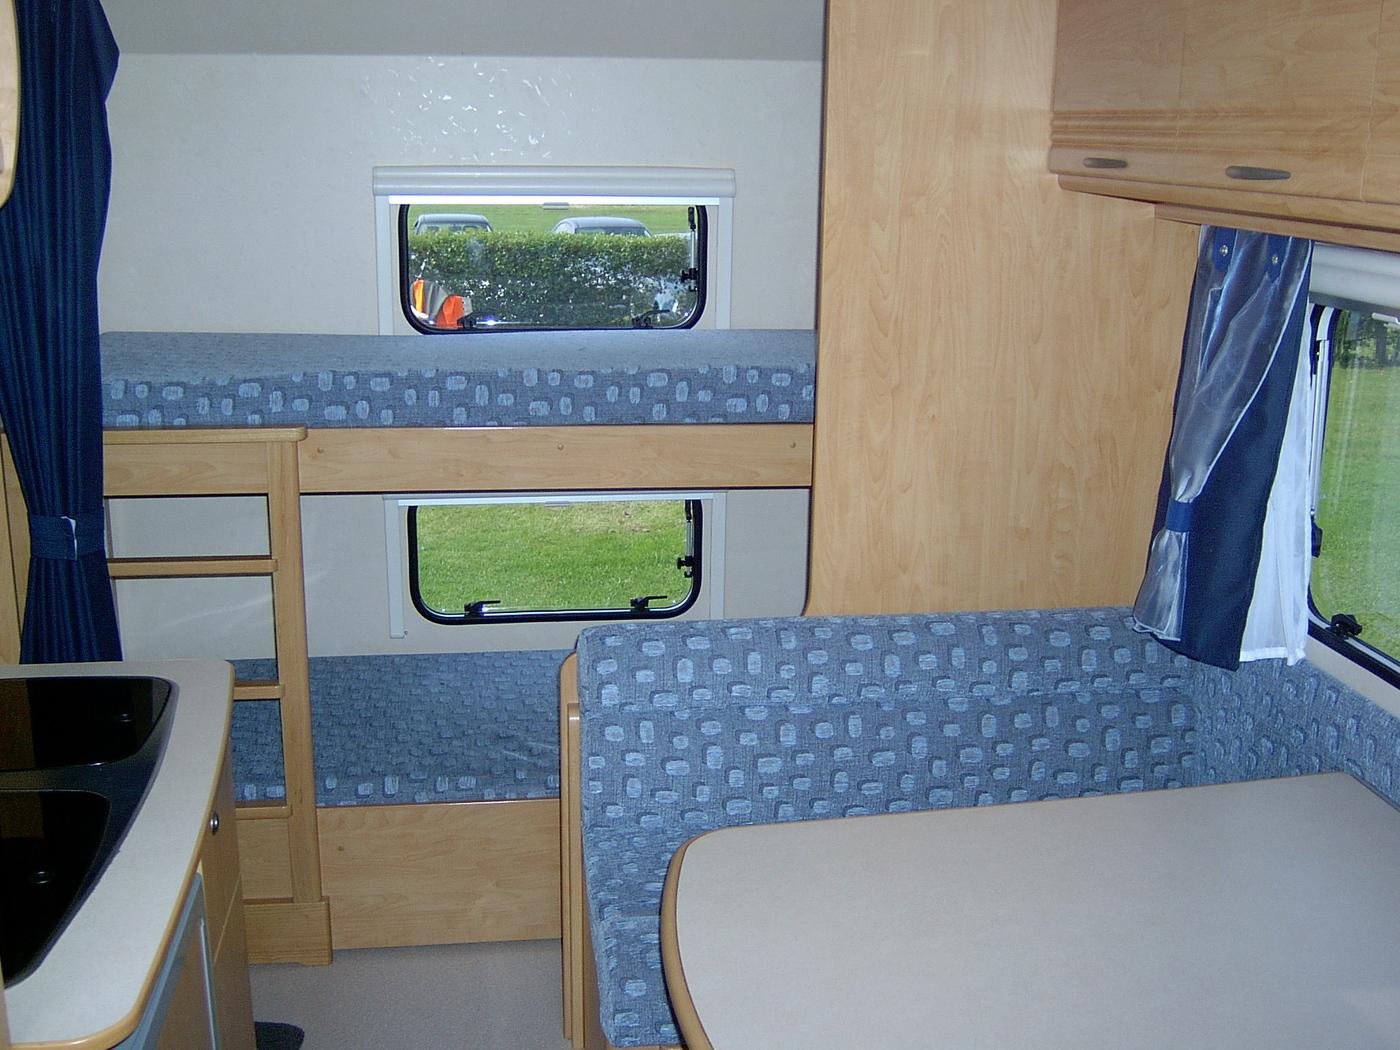 Thumb udlejning af campingvogne limfjorden nordjylland